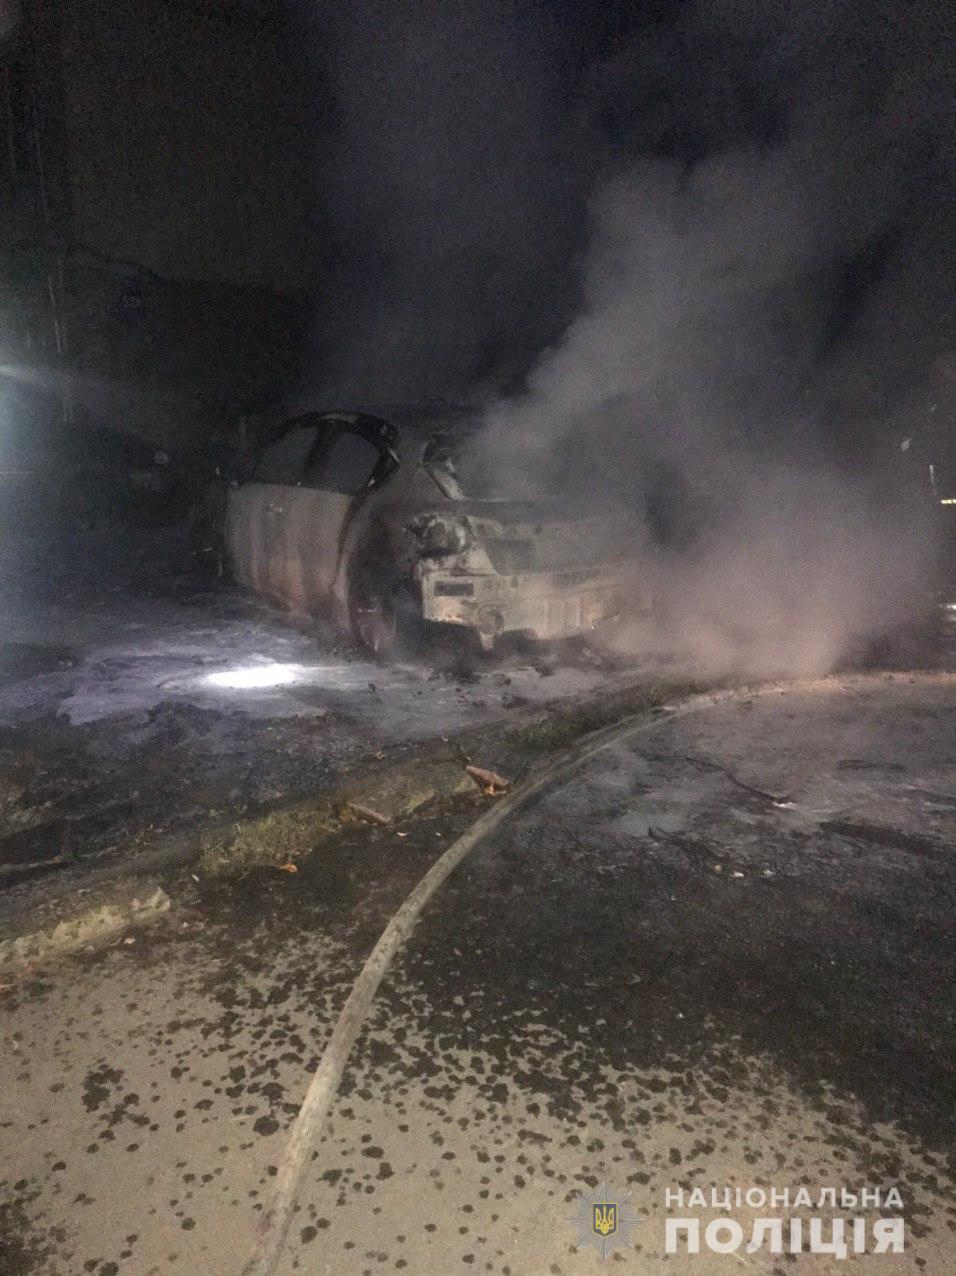 Во дворе дома по проспекту Науки ночью подожгли автомобиль (фото)